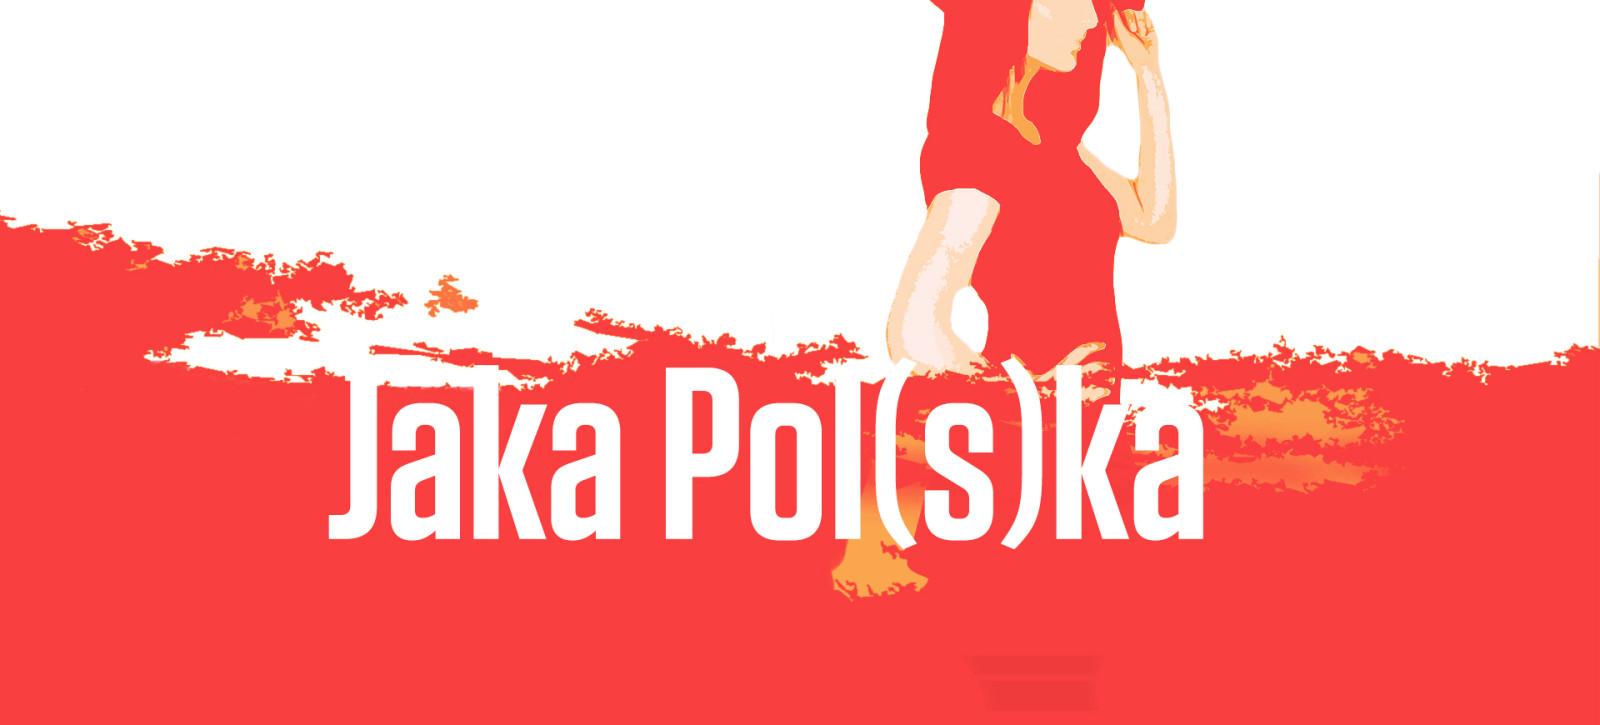 14_Jaka_Pol(s)ka_grafika_debaty